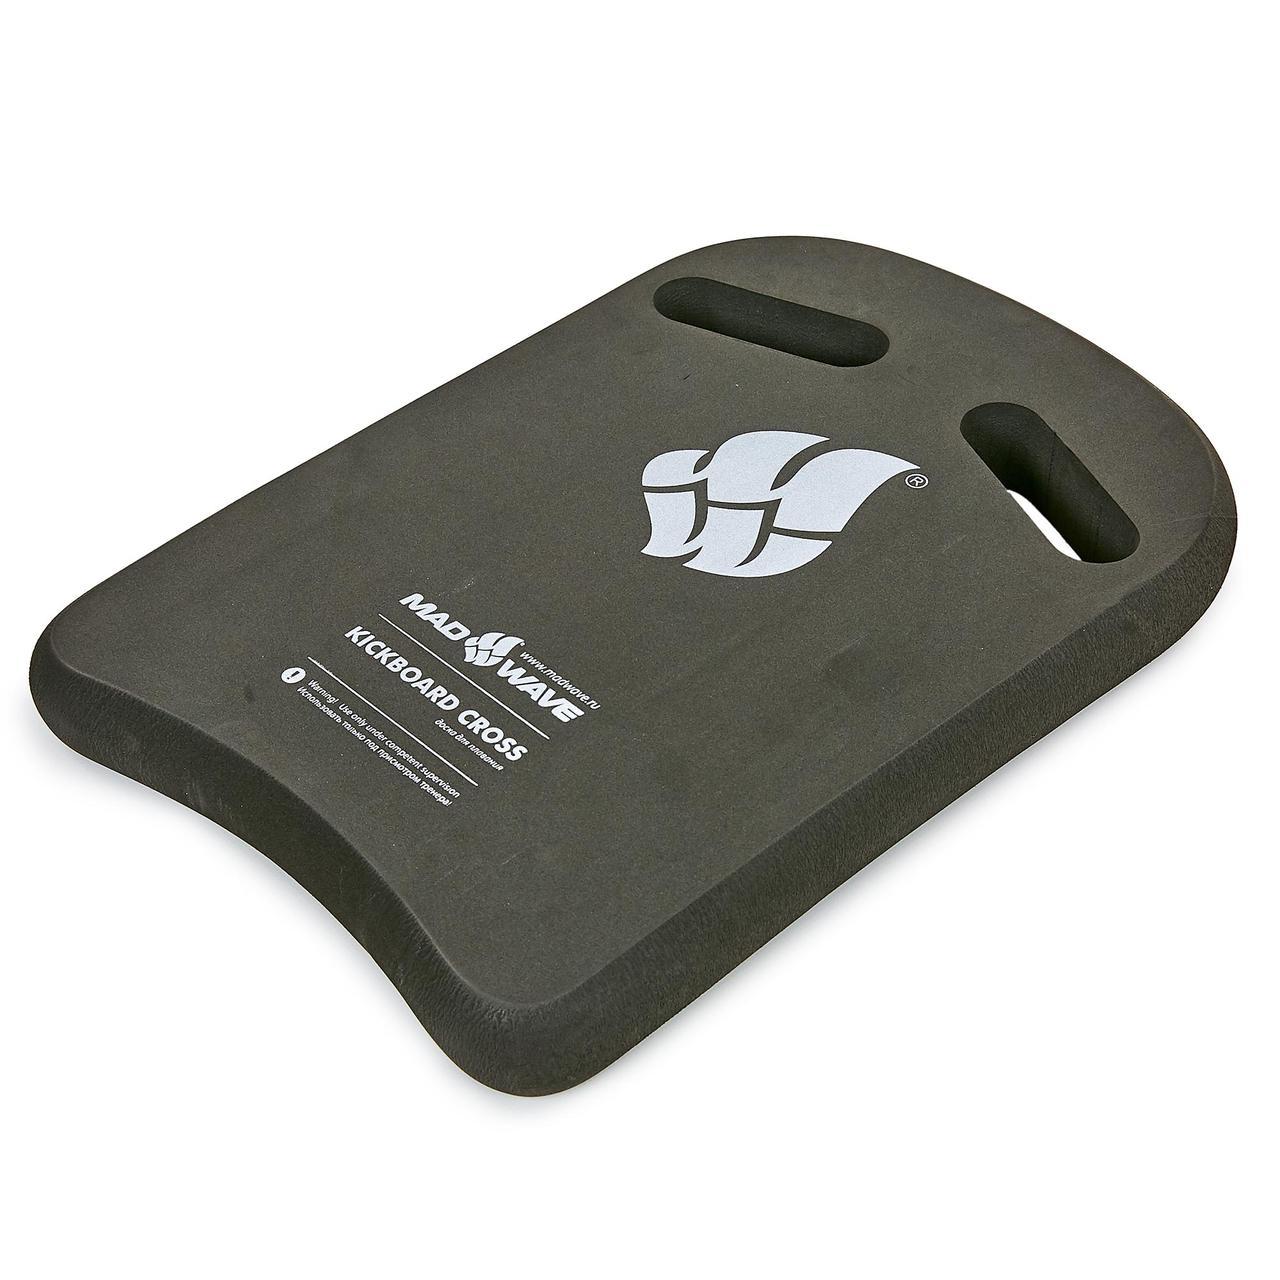 Доска для плавания MadWave CROSS (EVA, р-р 27,5x40x4см, цвета в ассортименте)